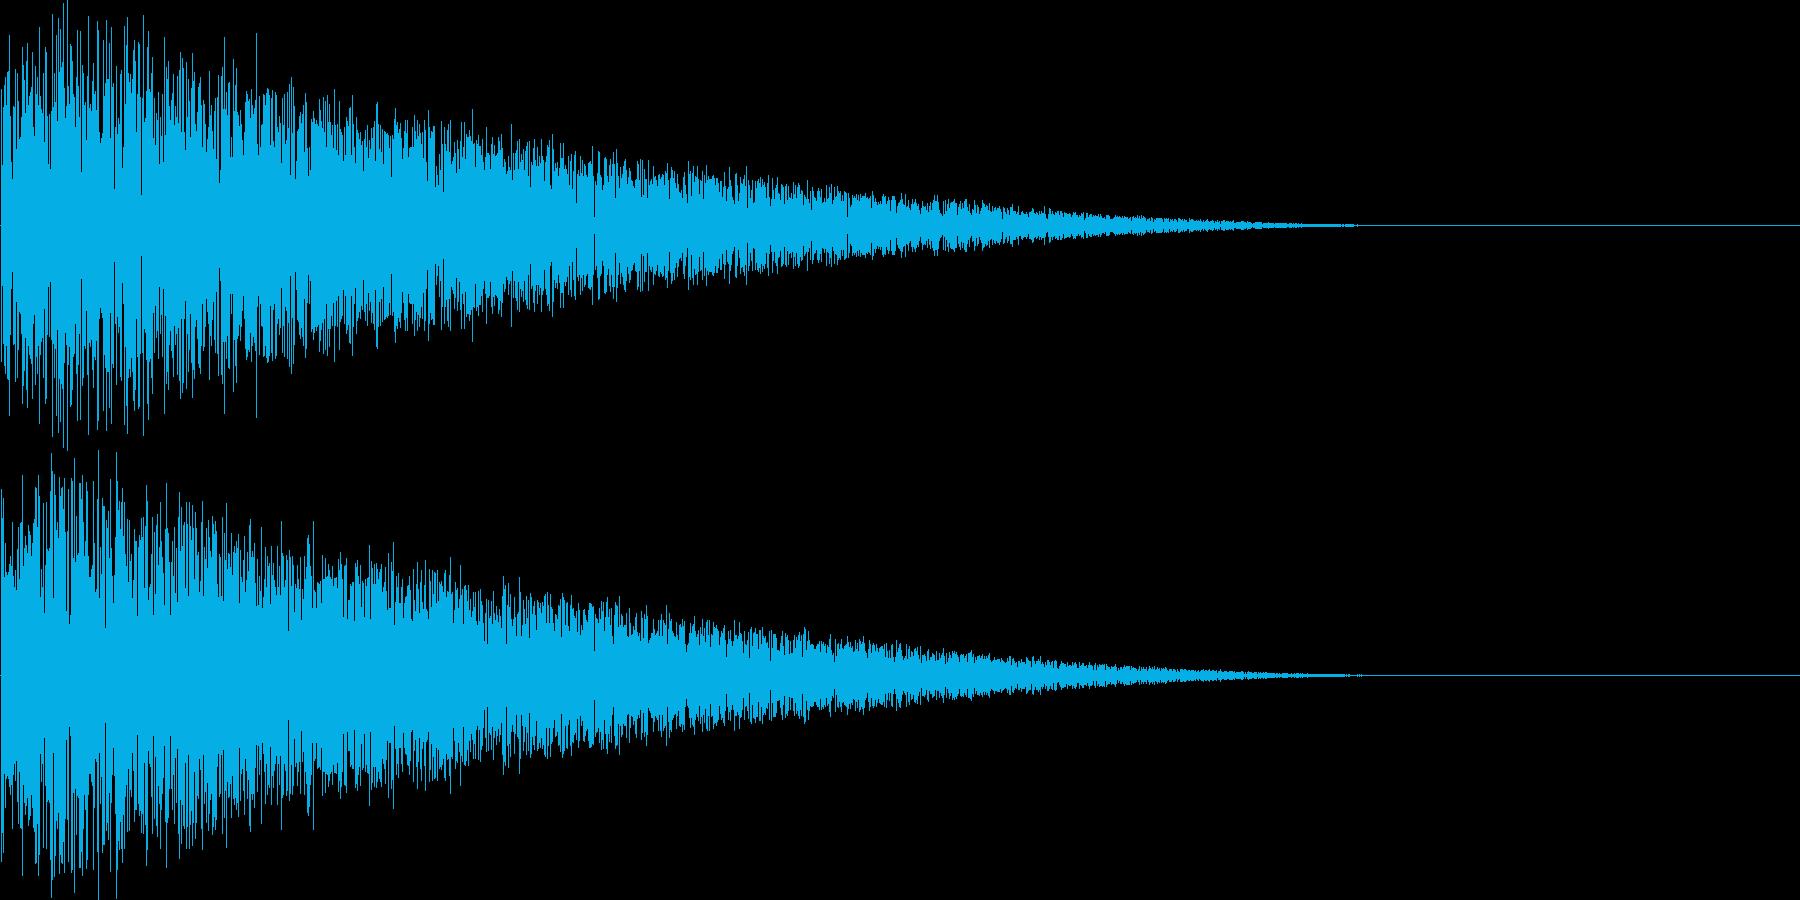 レトロゲーム風打撃音、ショット音の再生済みの波形